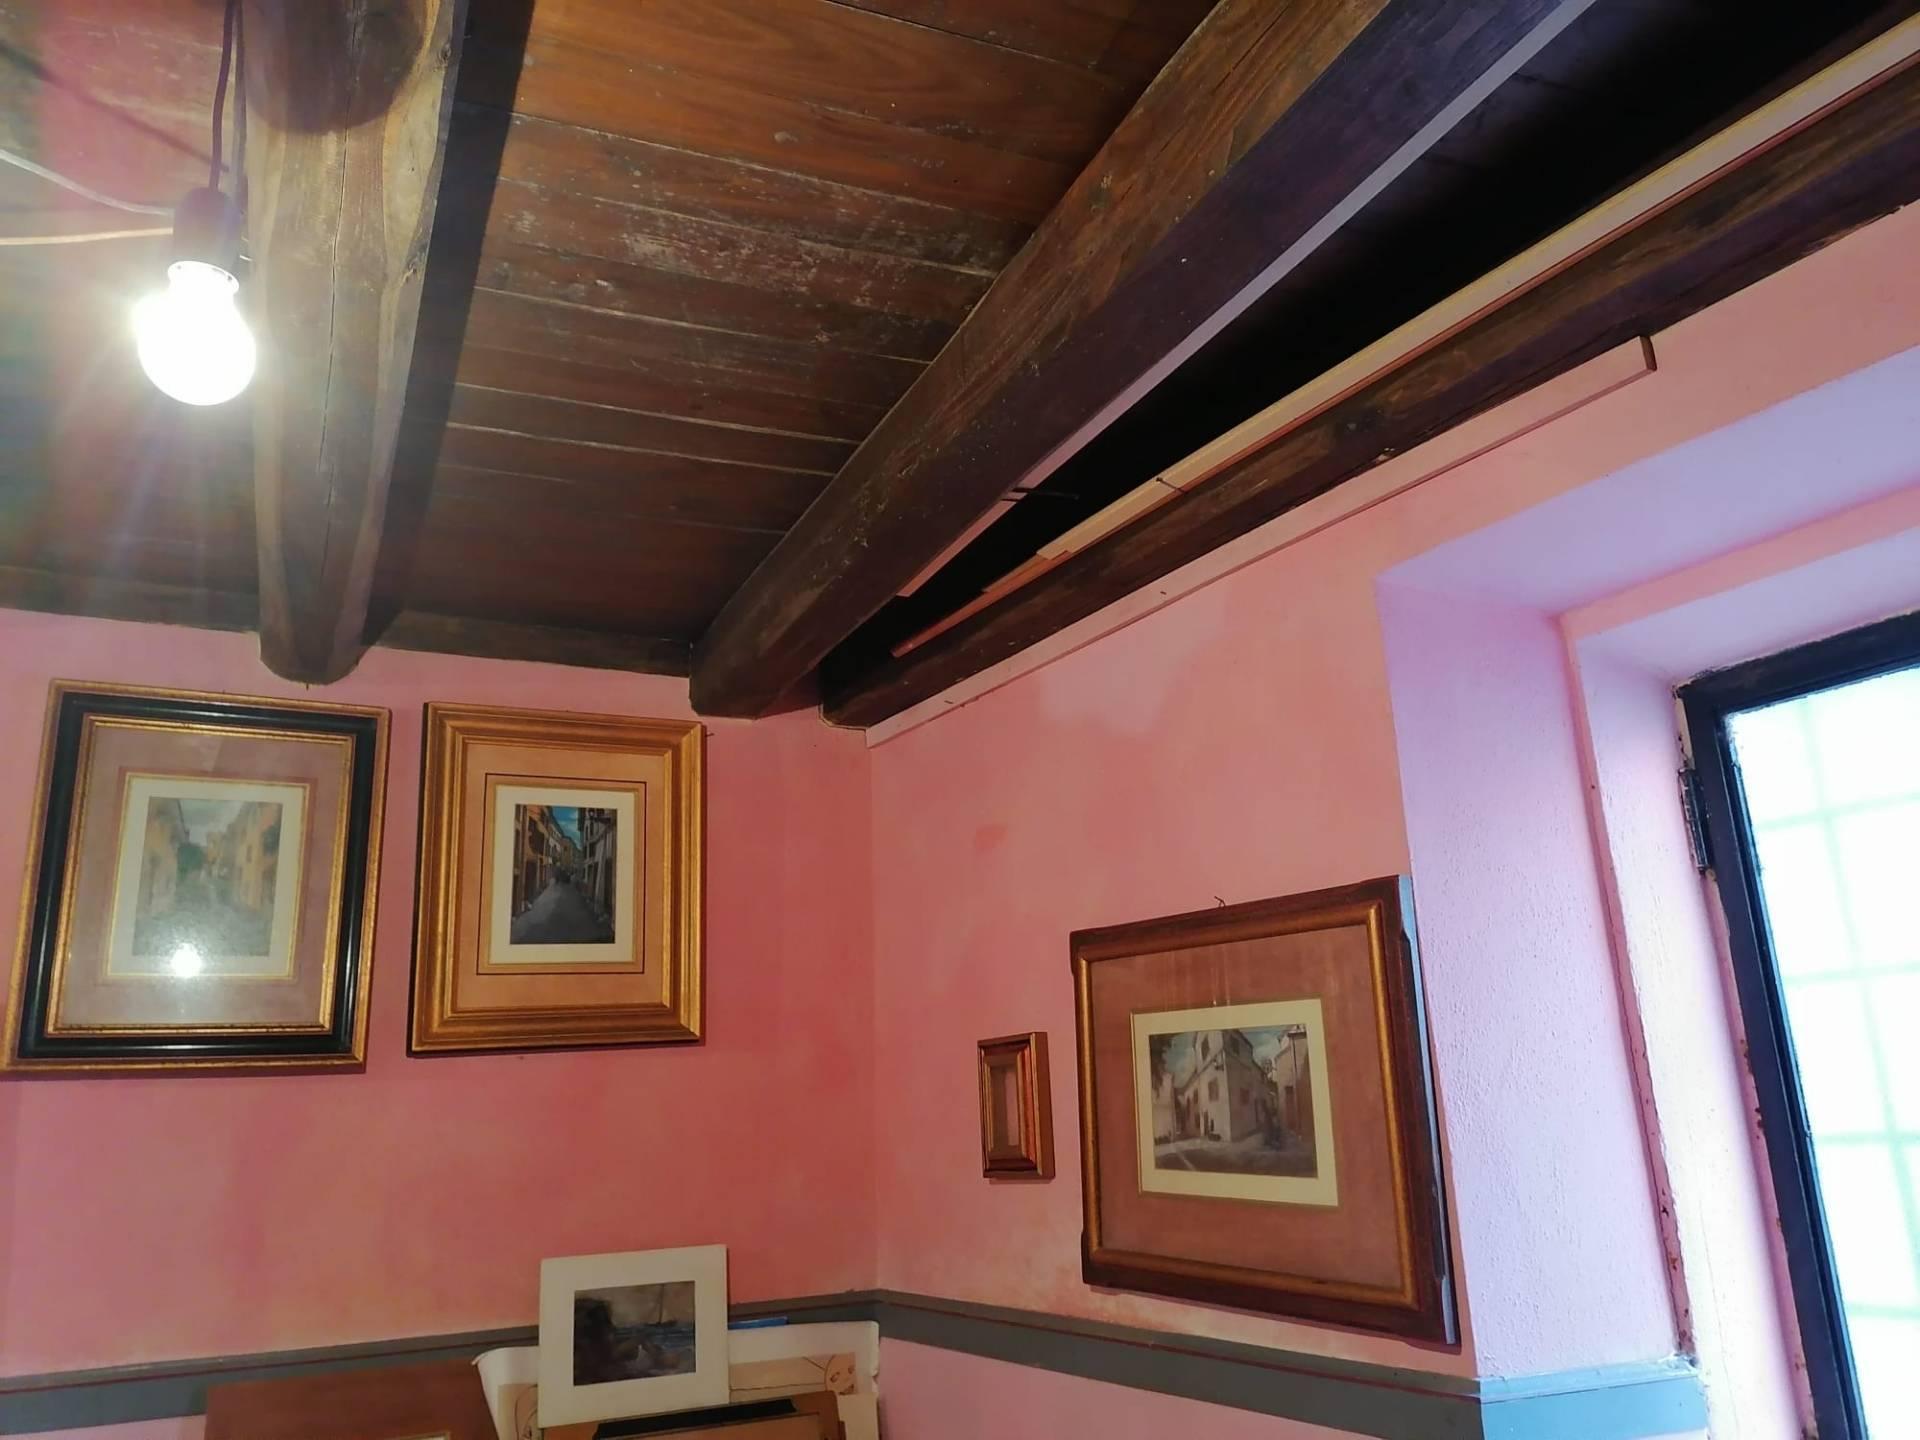 Magazzino in vendita a Civita Castellana, 1 locali, prezzo € 10.000 | CambioCasa.it